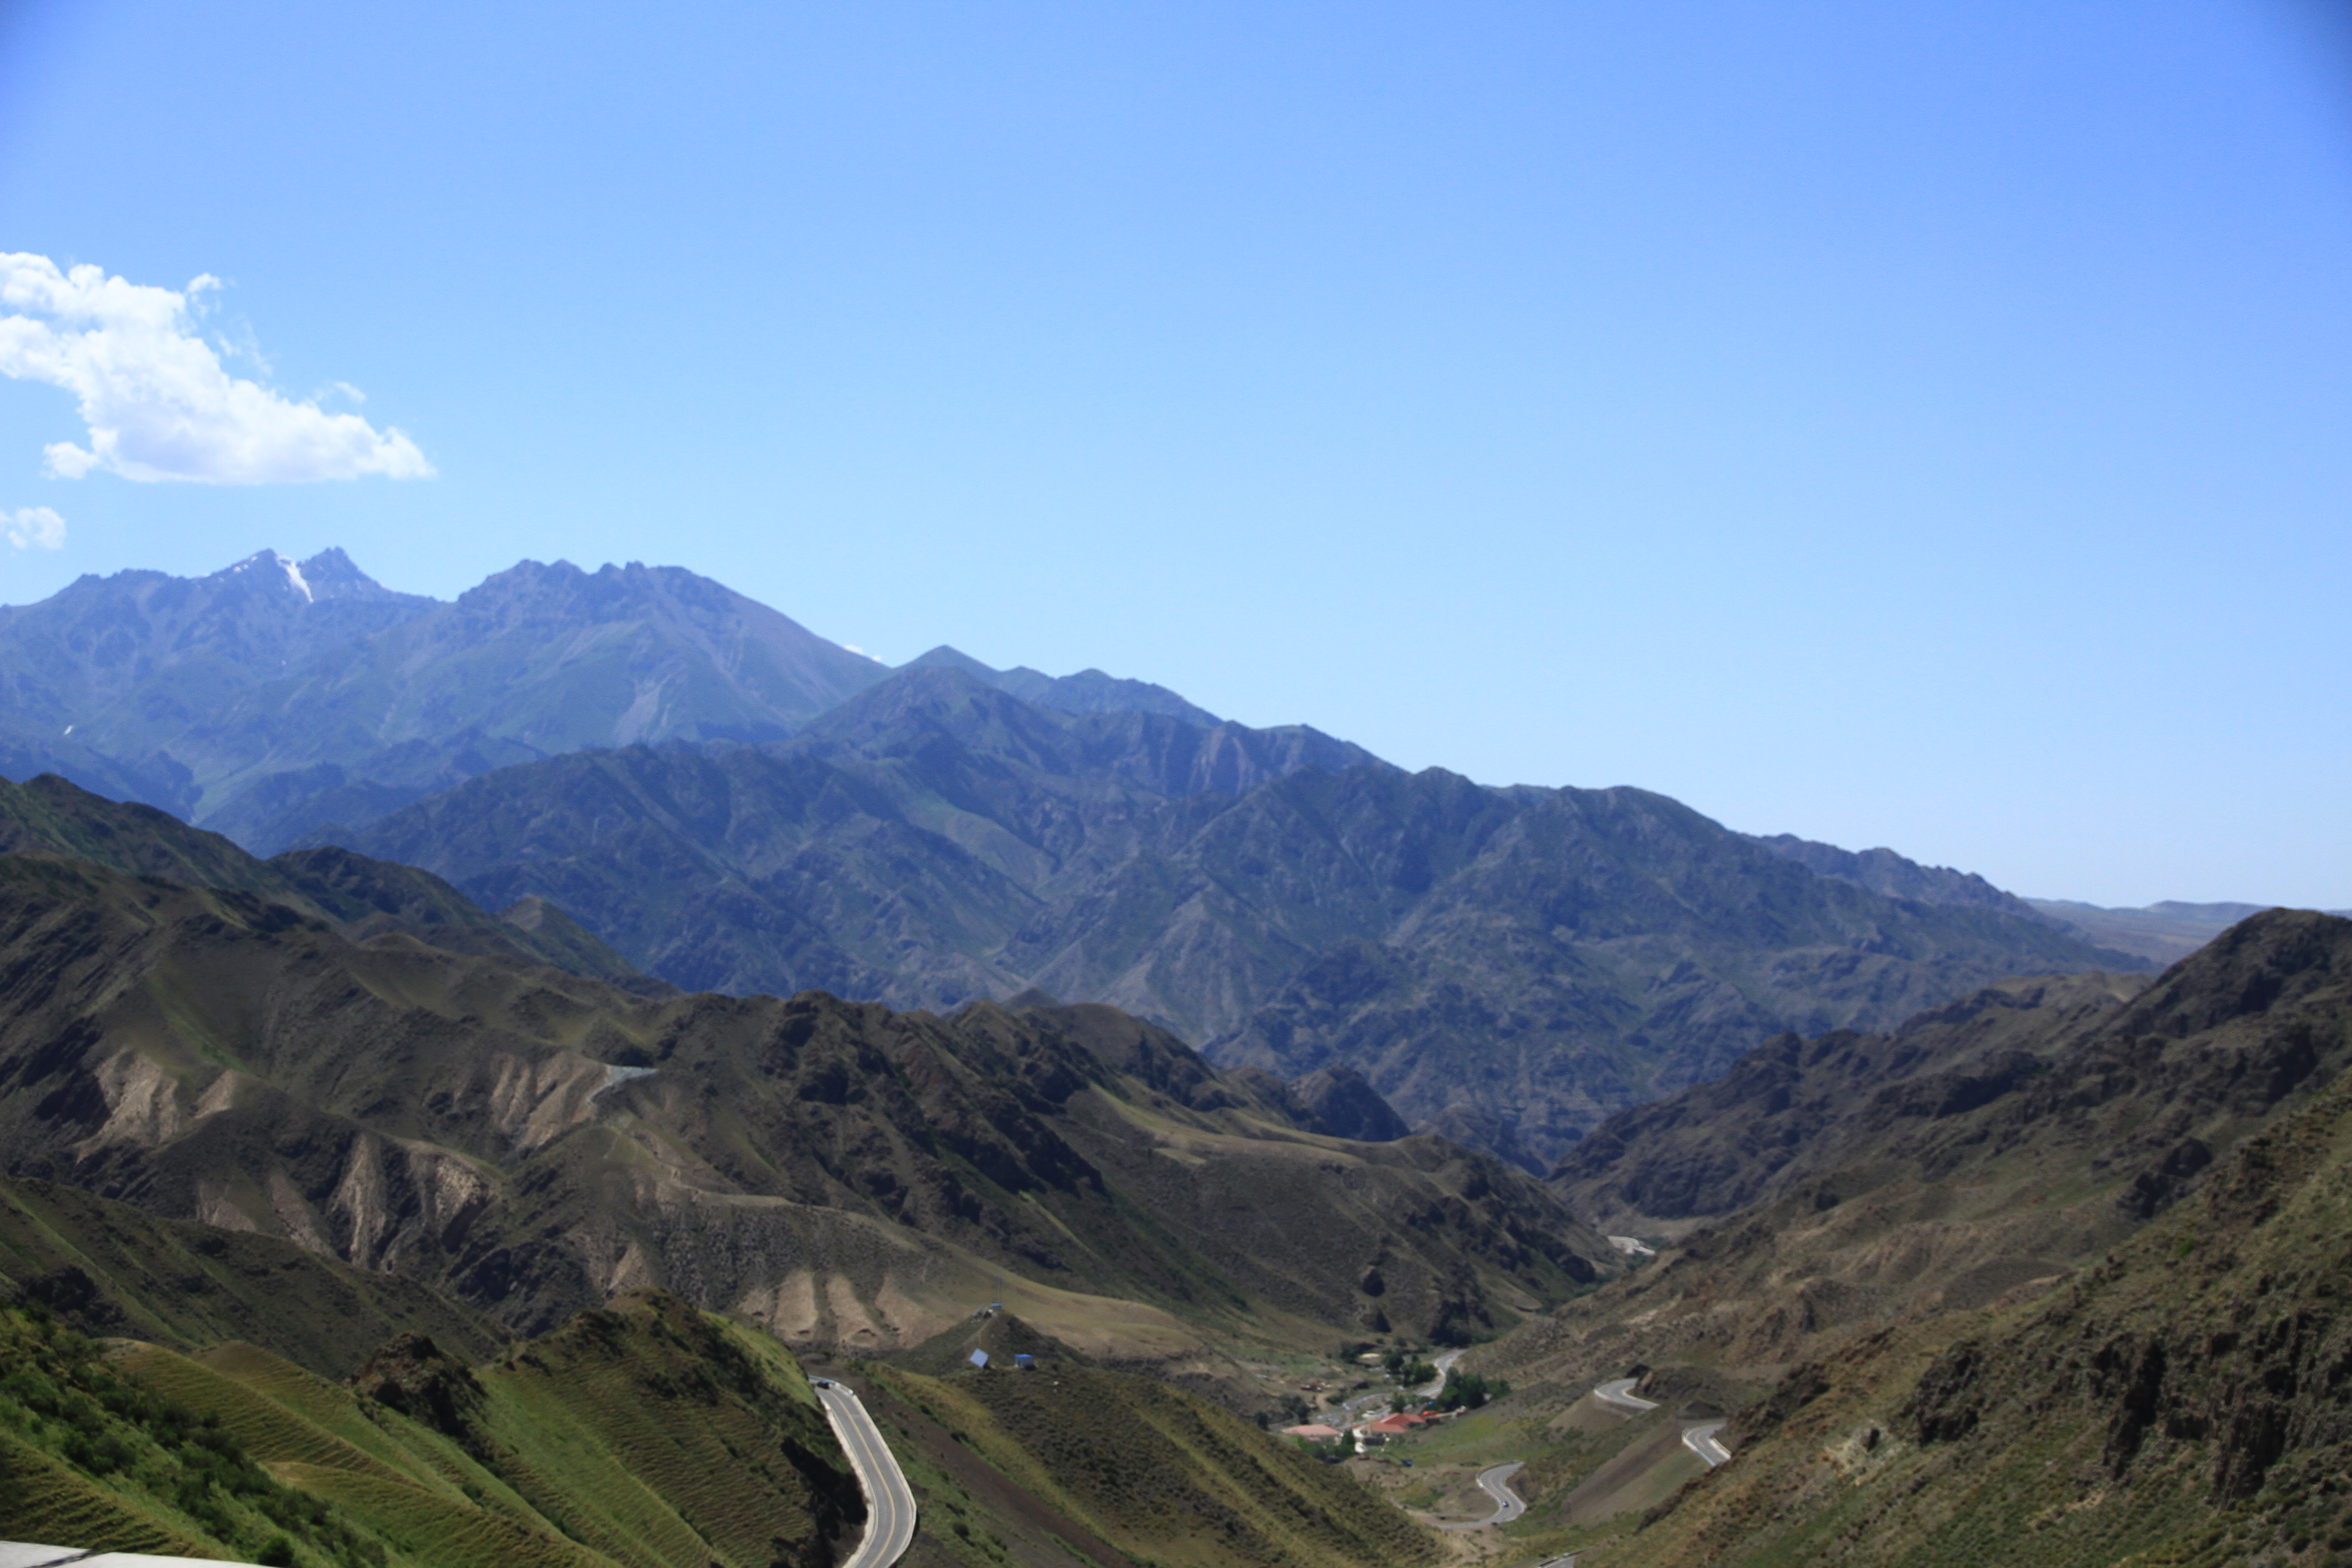 """12、独库公路。被《中国国家地理杂志》评选为""""纵贯天山脊梁的景观大道"""""""